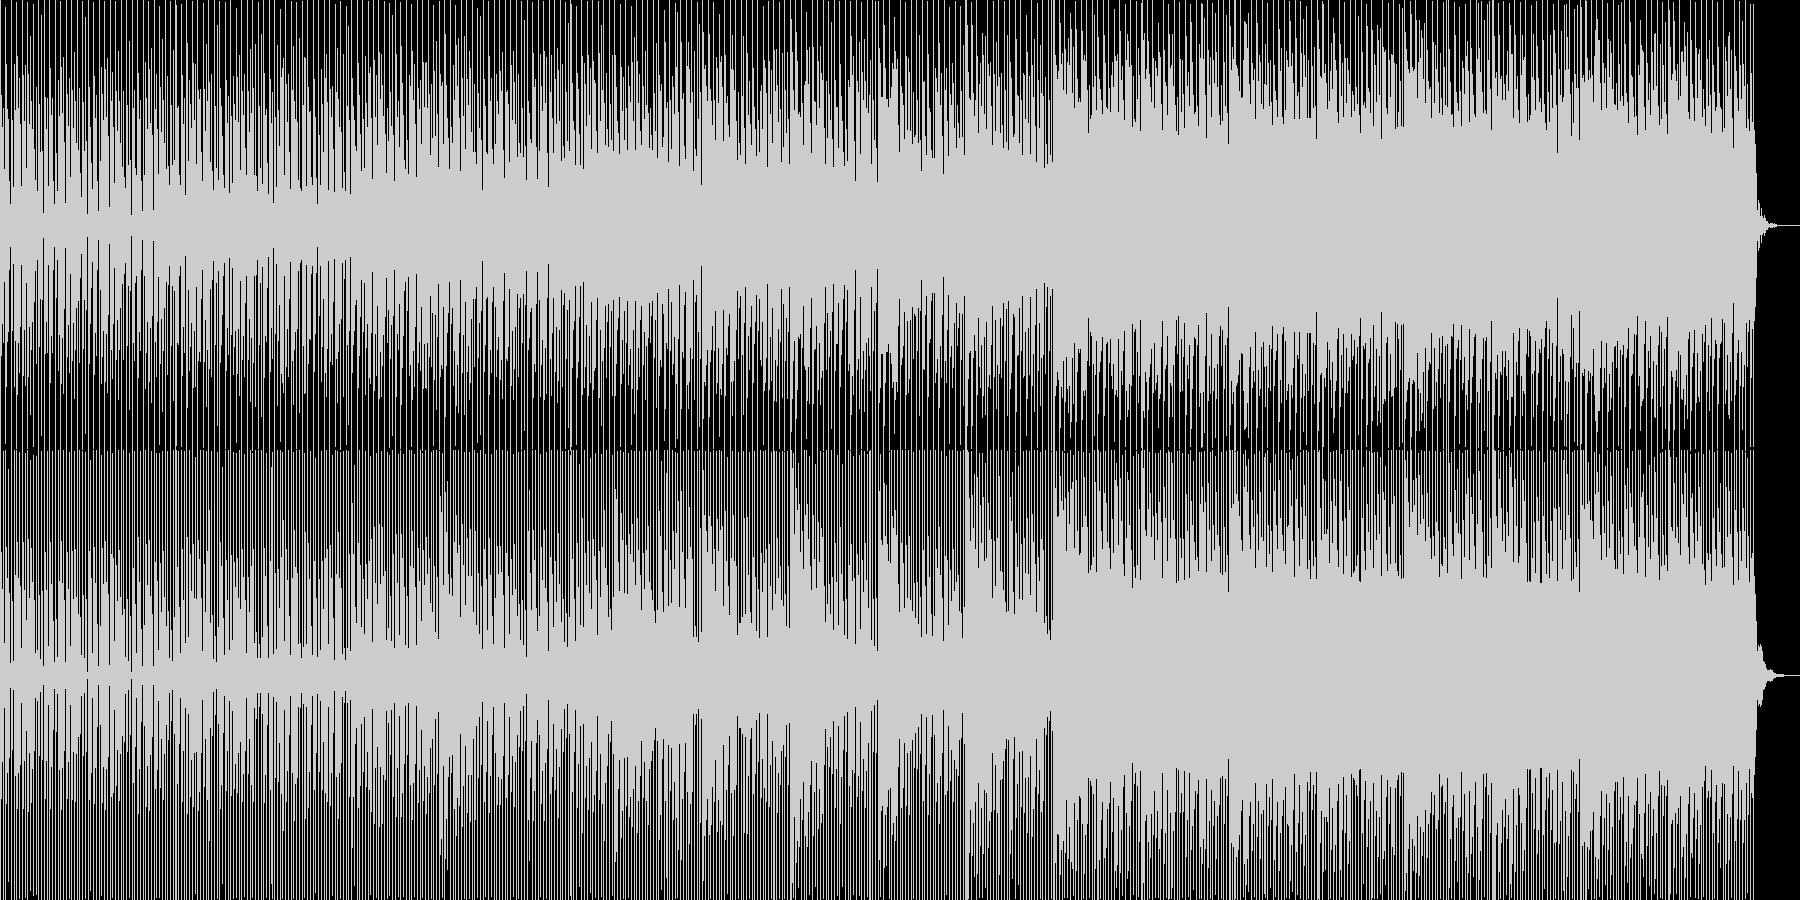 奇妙な雰囲気を感じさせるBGMです。の未再生の波形